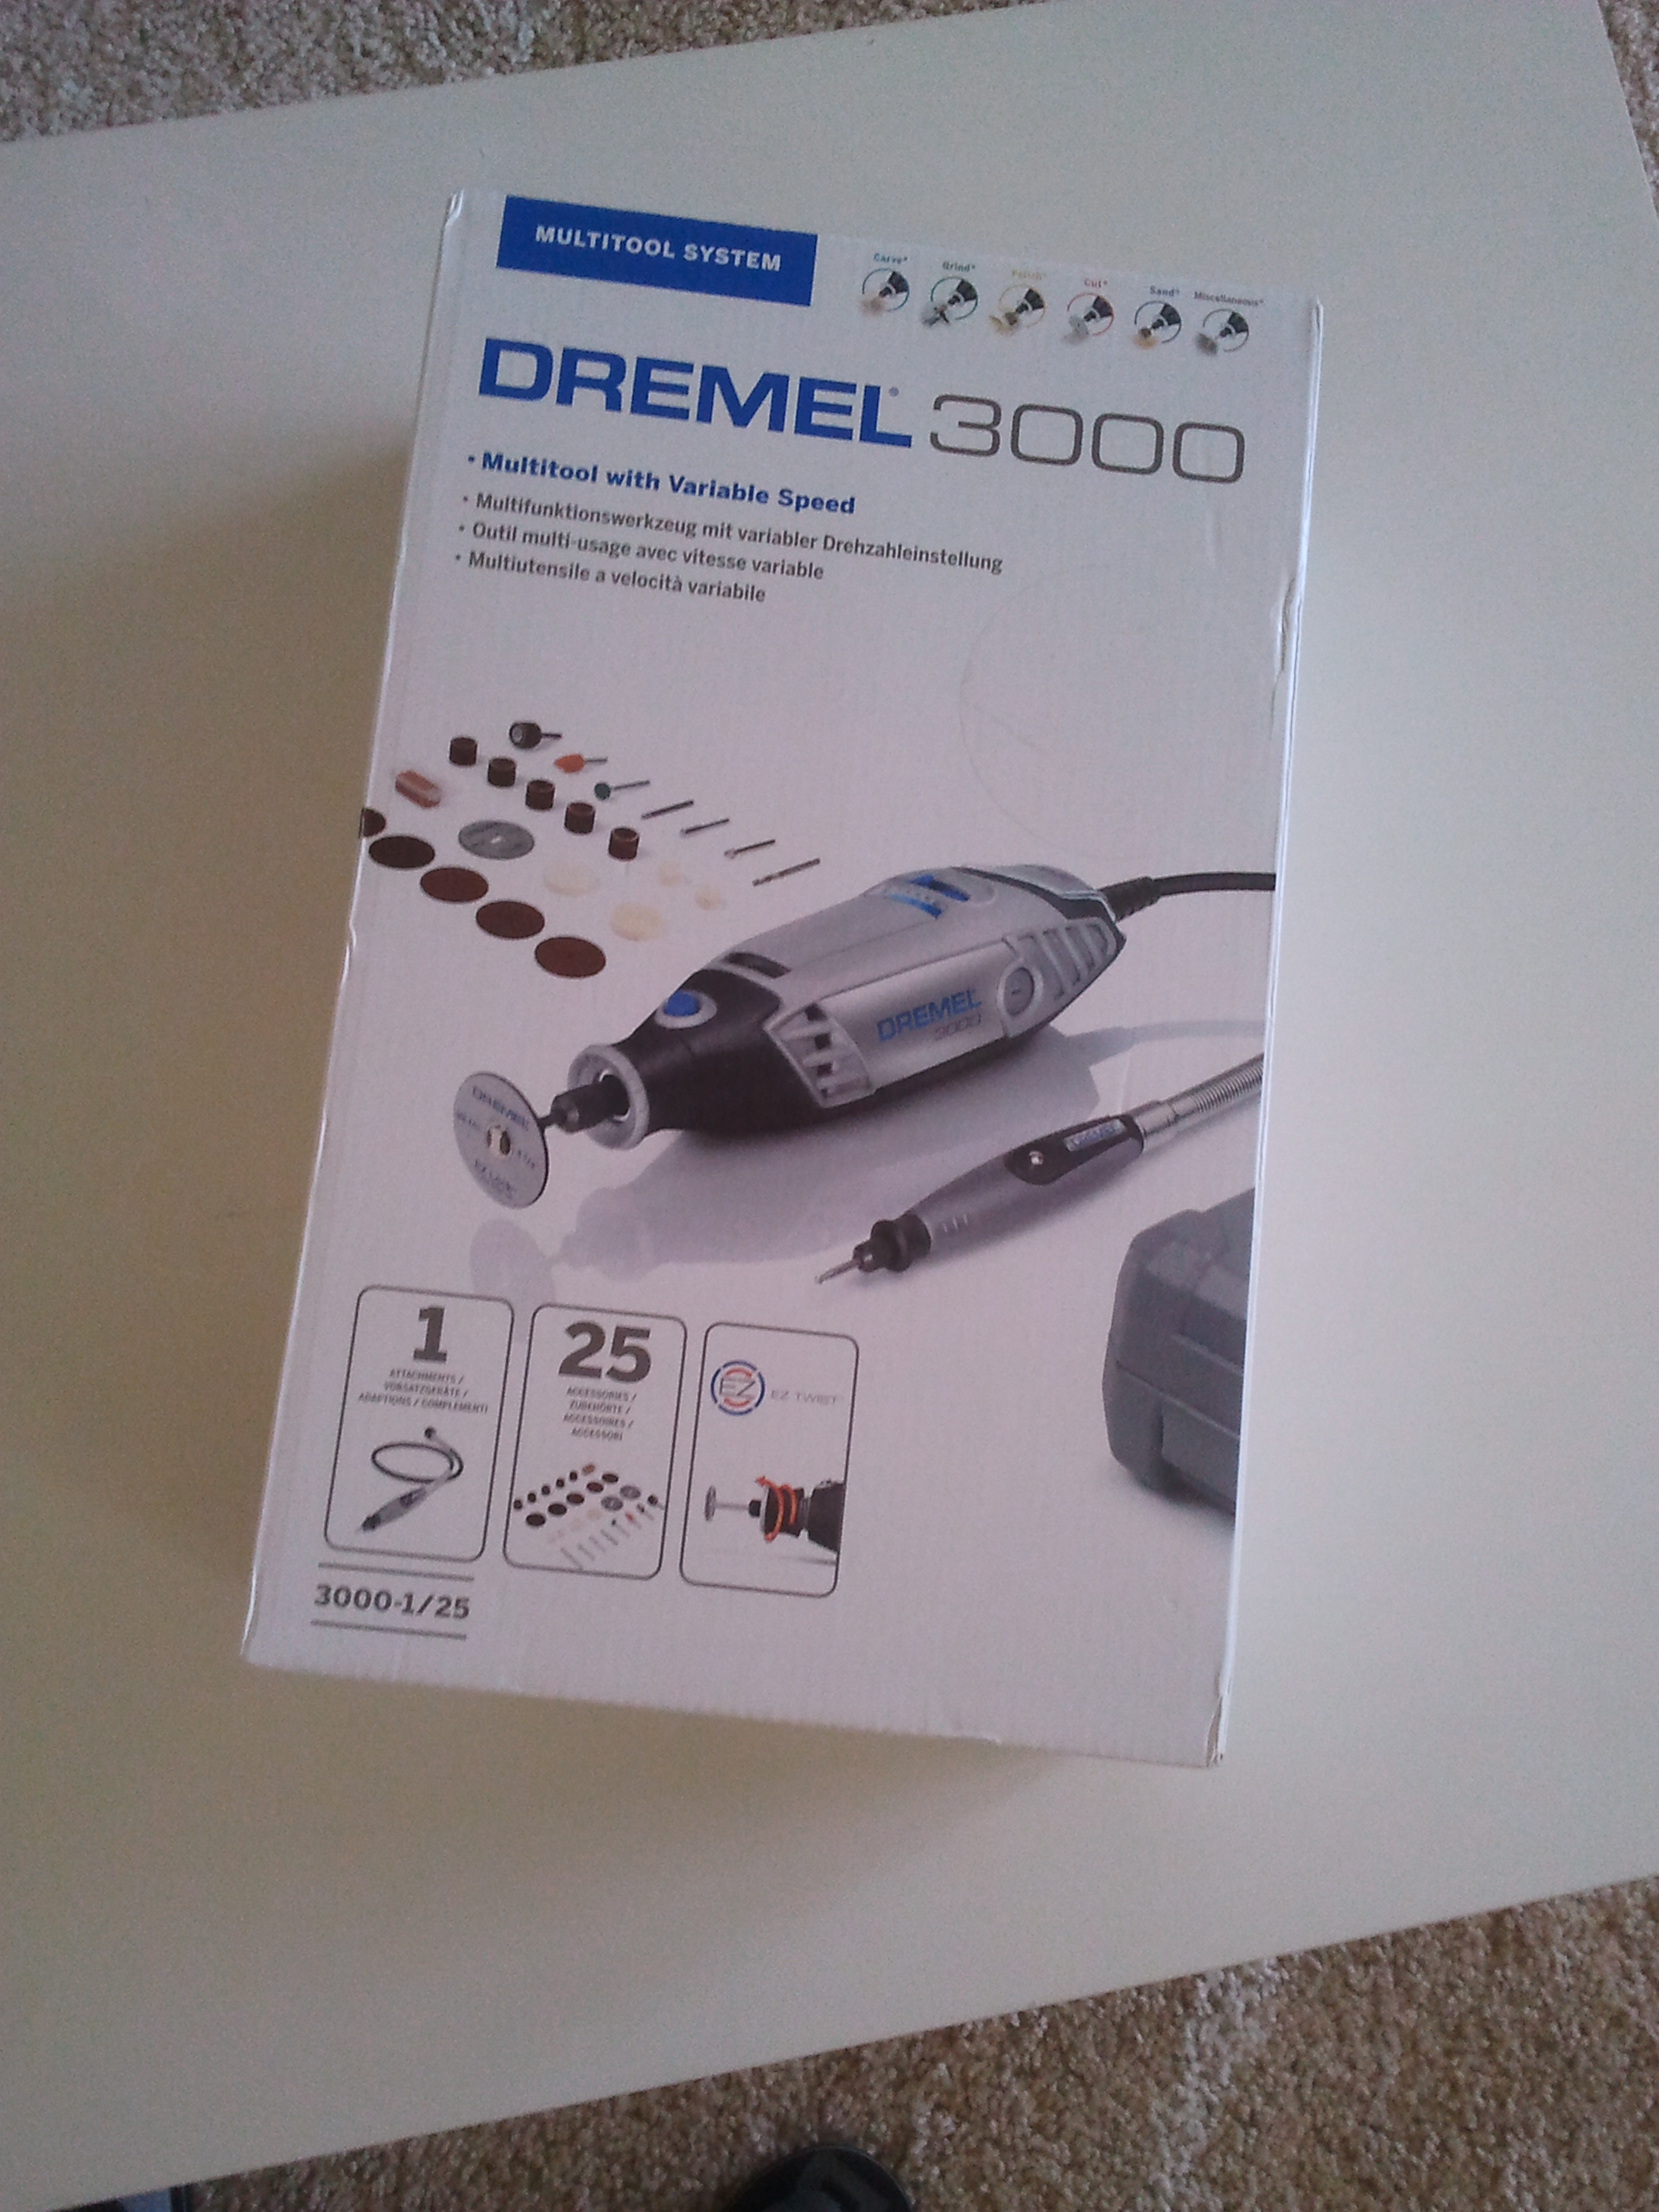 [Sprzedam] Narz�dzie Dremel 3000-1/25 (Dremel, wa�ek i akcesoria)